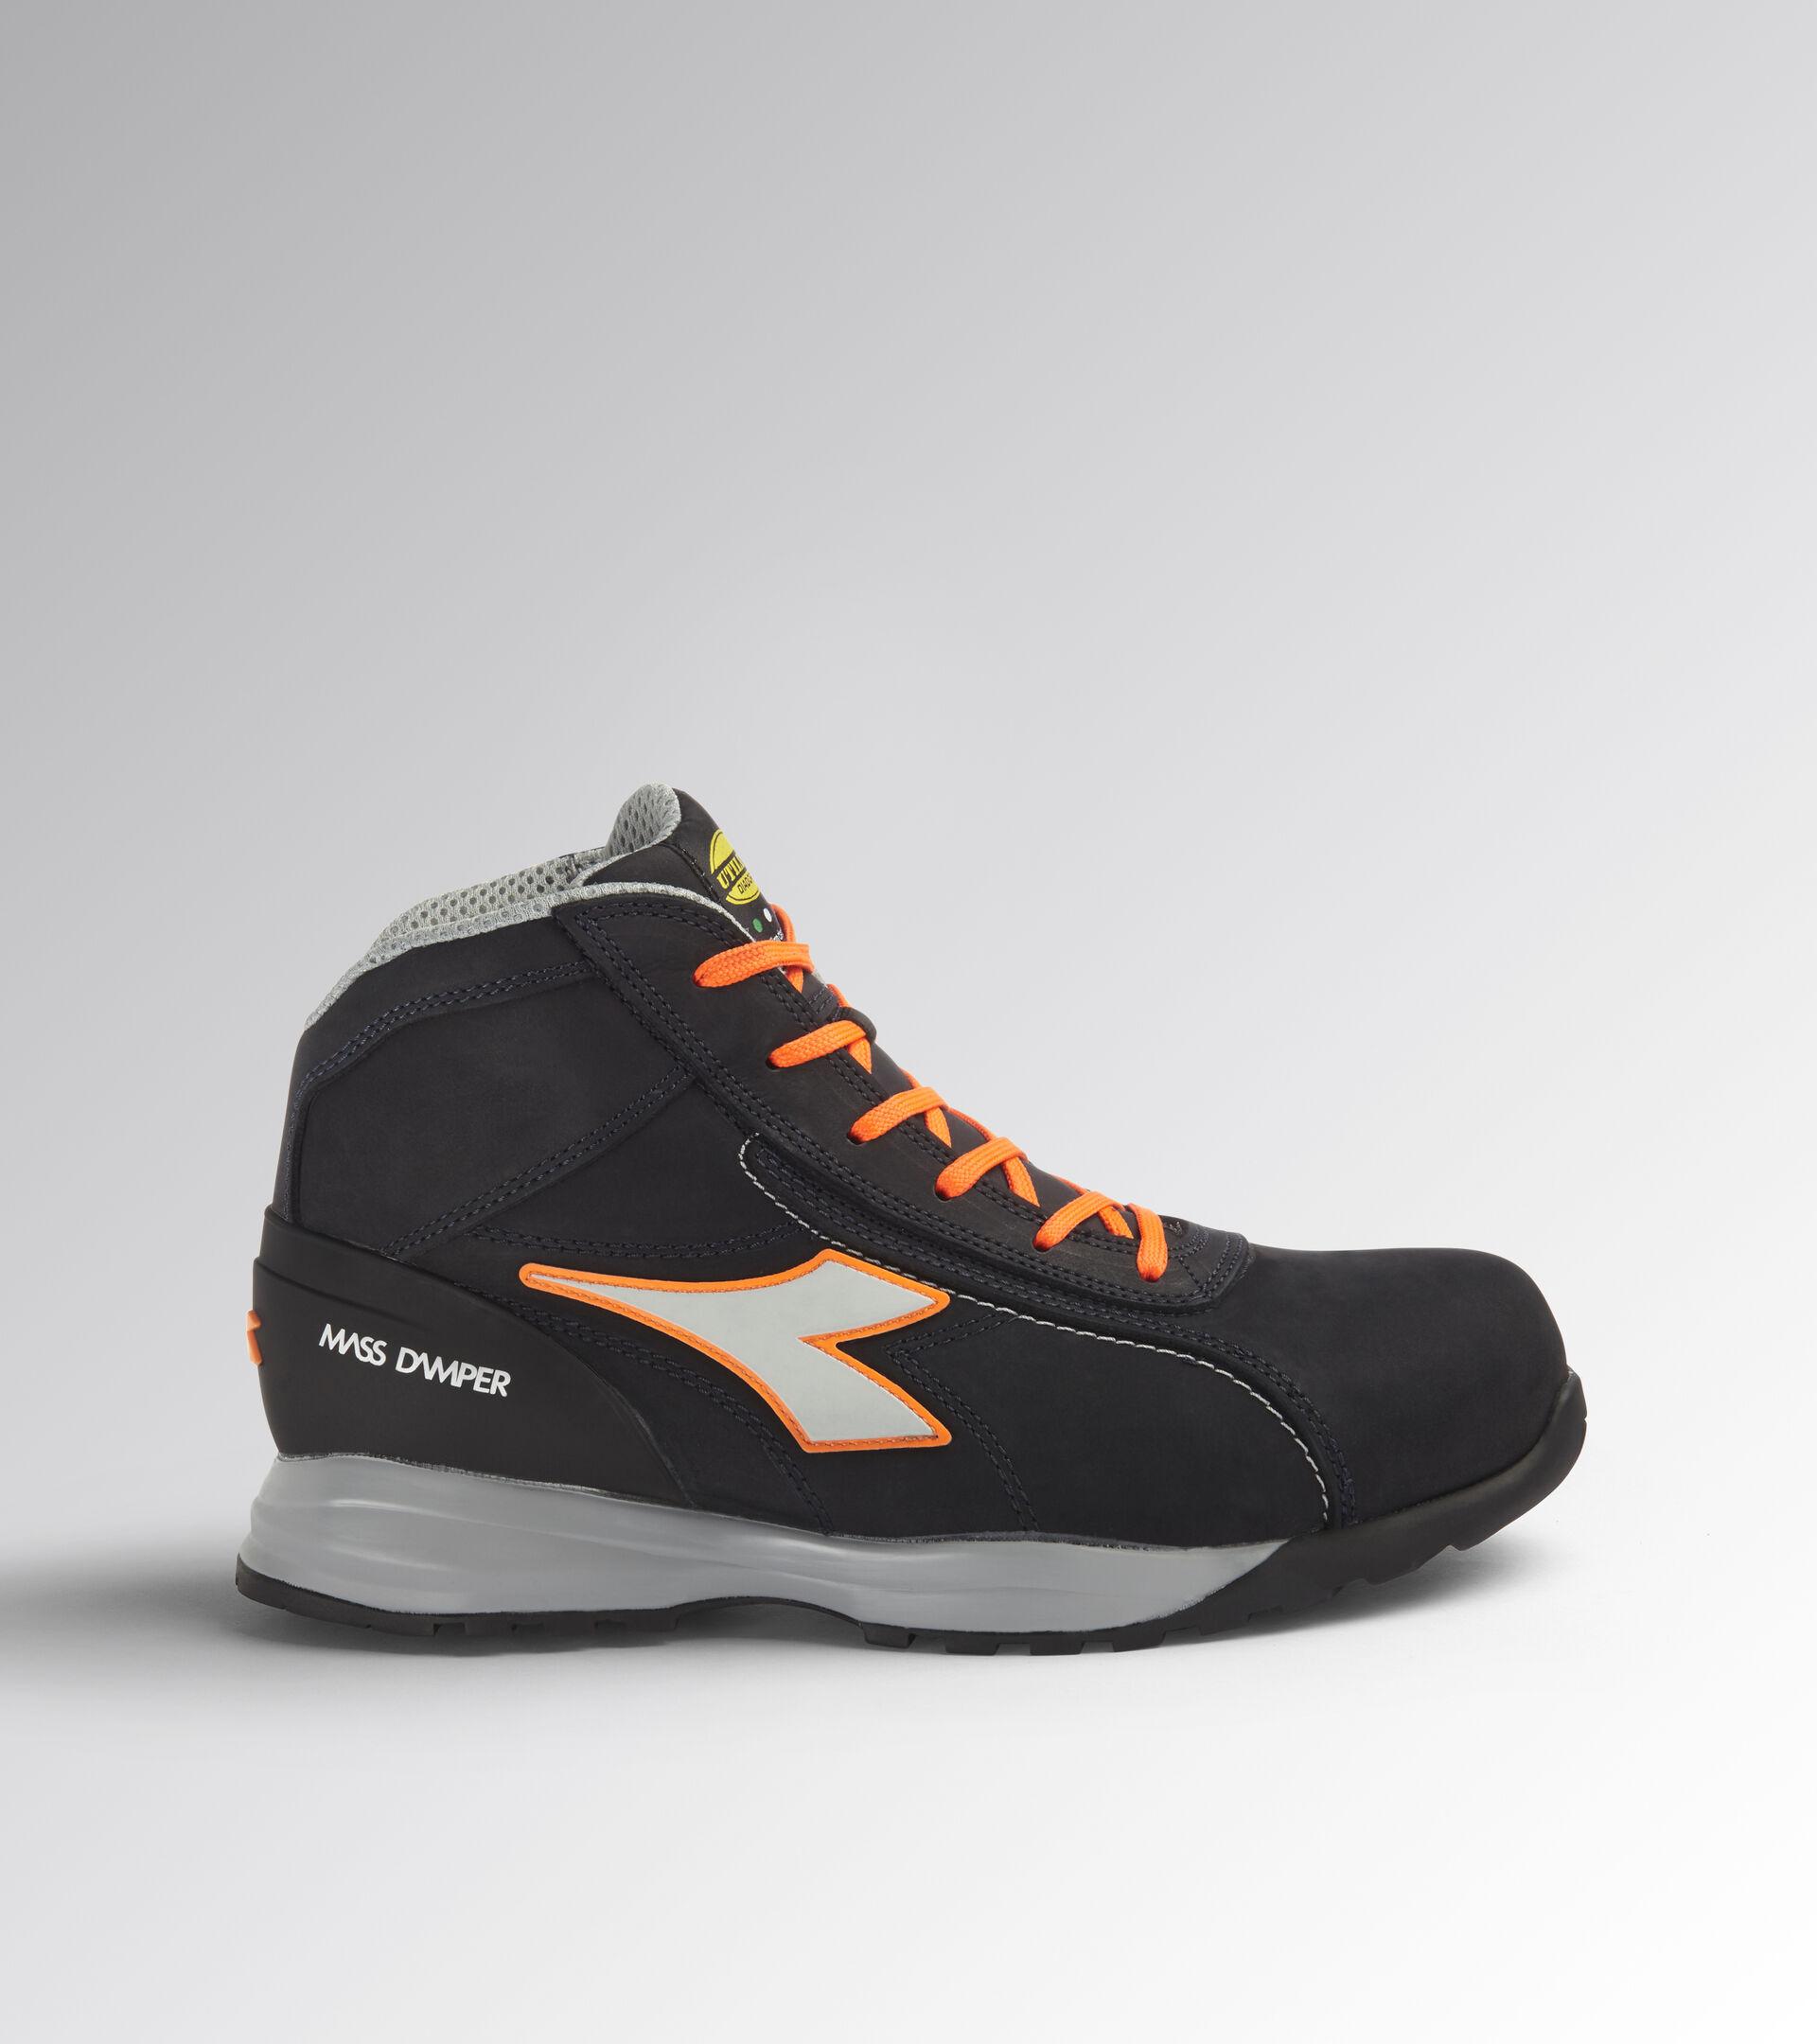 Footwear Utility UNISEX GLOVE MDS MID S3 HRO SRC DARK NAVY/ORANGE FLUO Utility